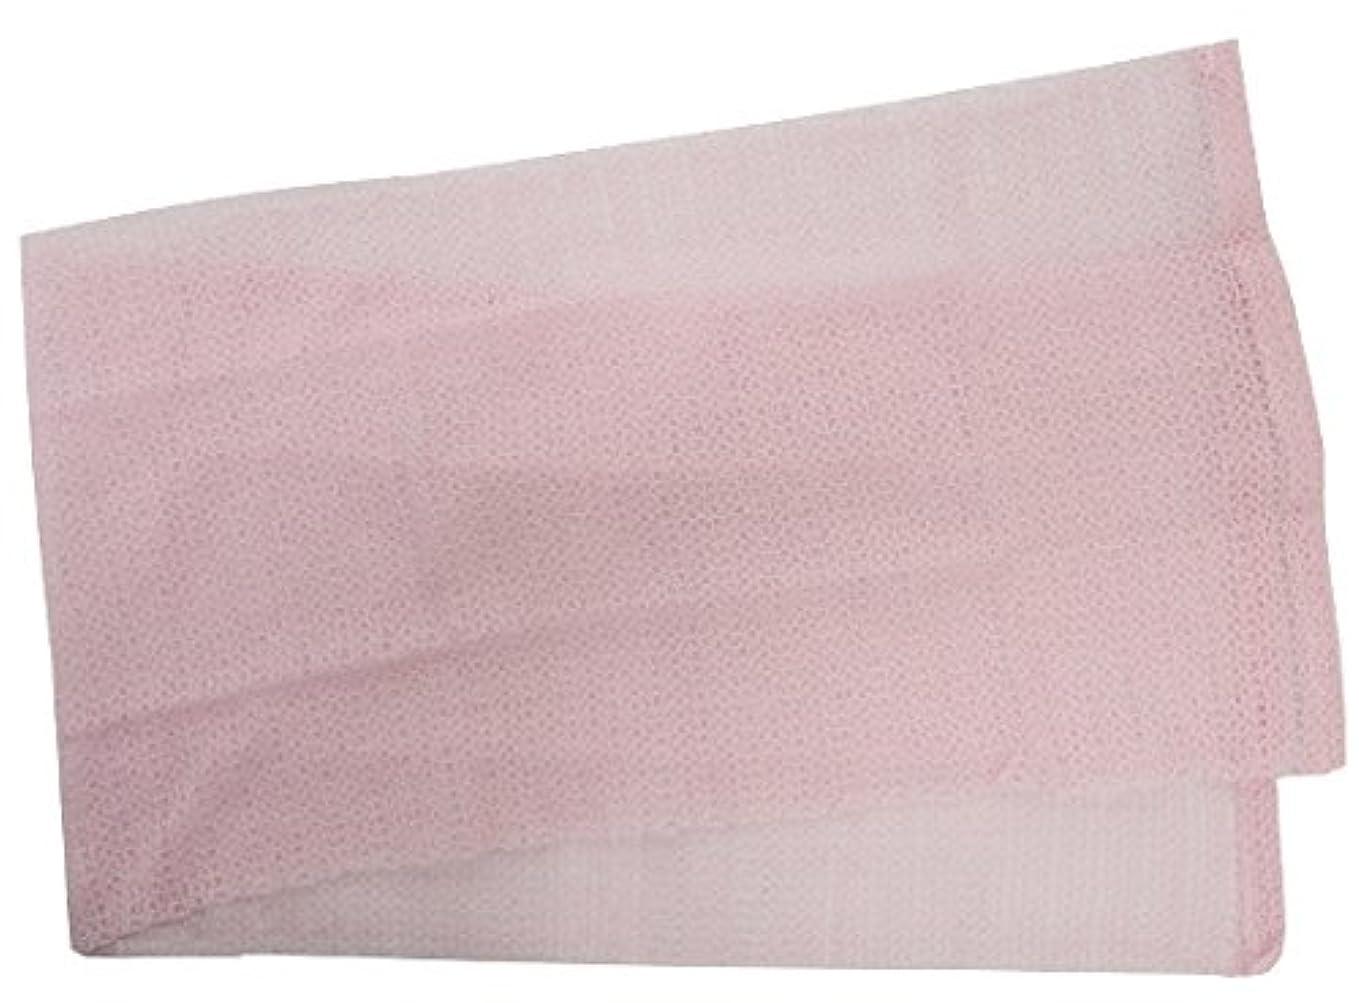 ハイランド寛容喪小久保 『メレンゲのような泡立ちとソフトな肌ざわり』 モコモコボディタオル ピンク 24×100cm 2277